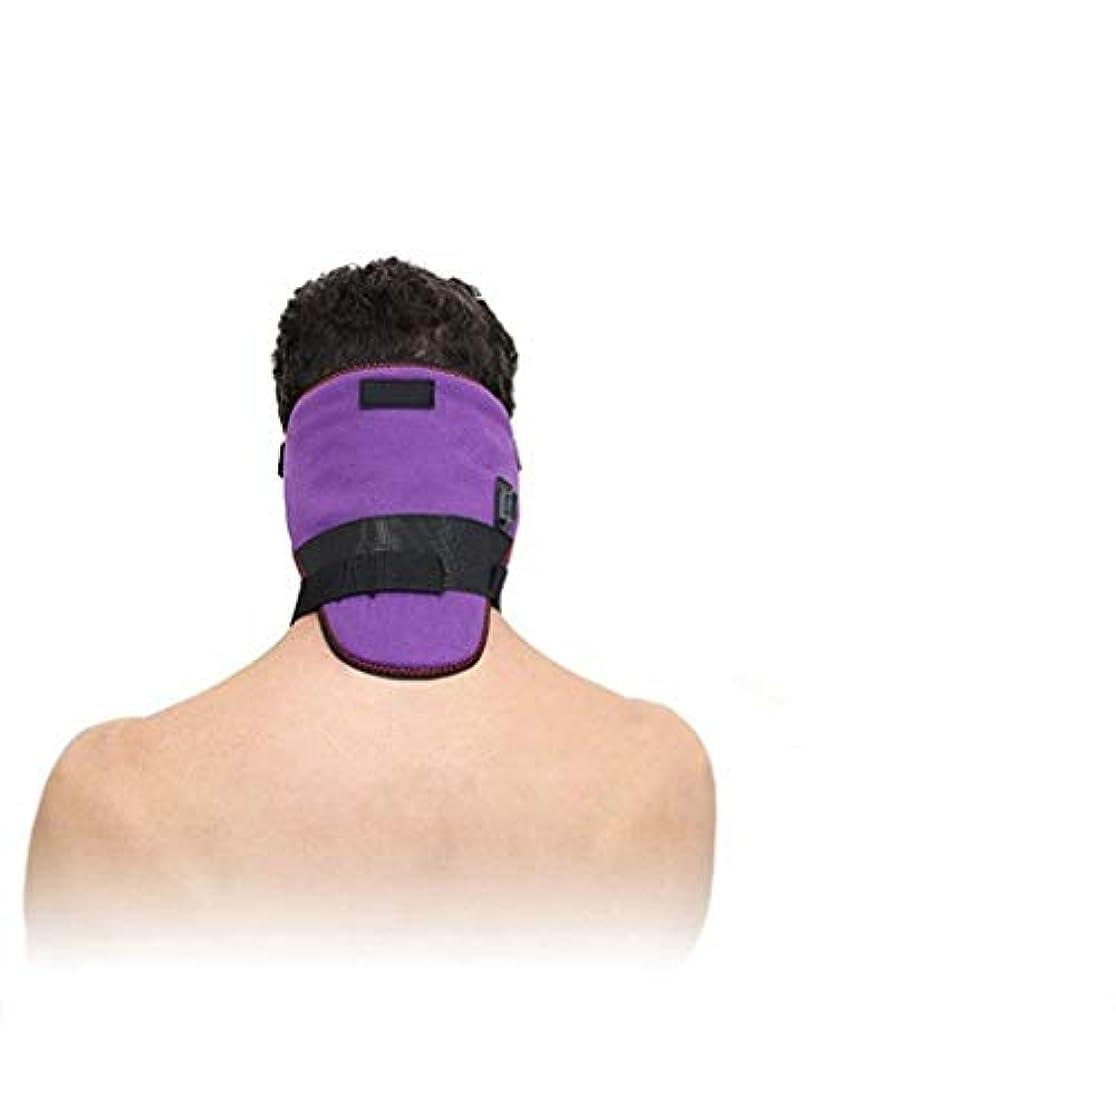 リブ面積スポンジUSBネックマッサージャー、加熱ネックバンドヘッドコールドプロテクション、遠赤外線ネックホットコンプレス電気頸部バンド、ホットコンプレスマッスル、血液循環の促進、男性